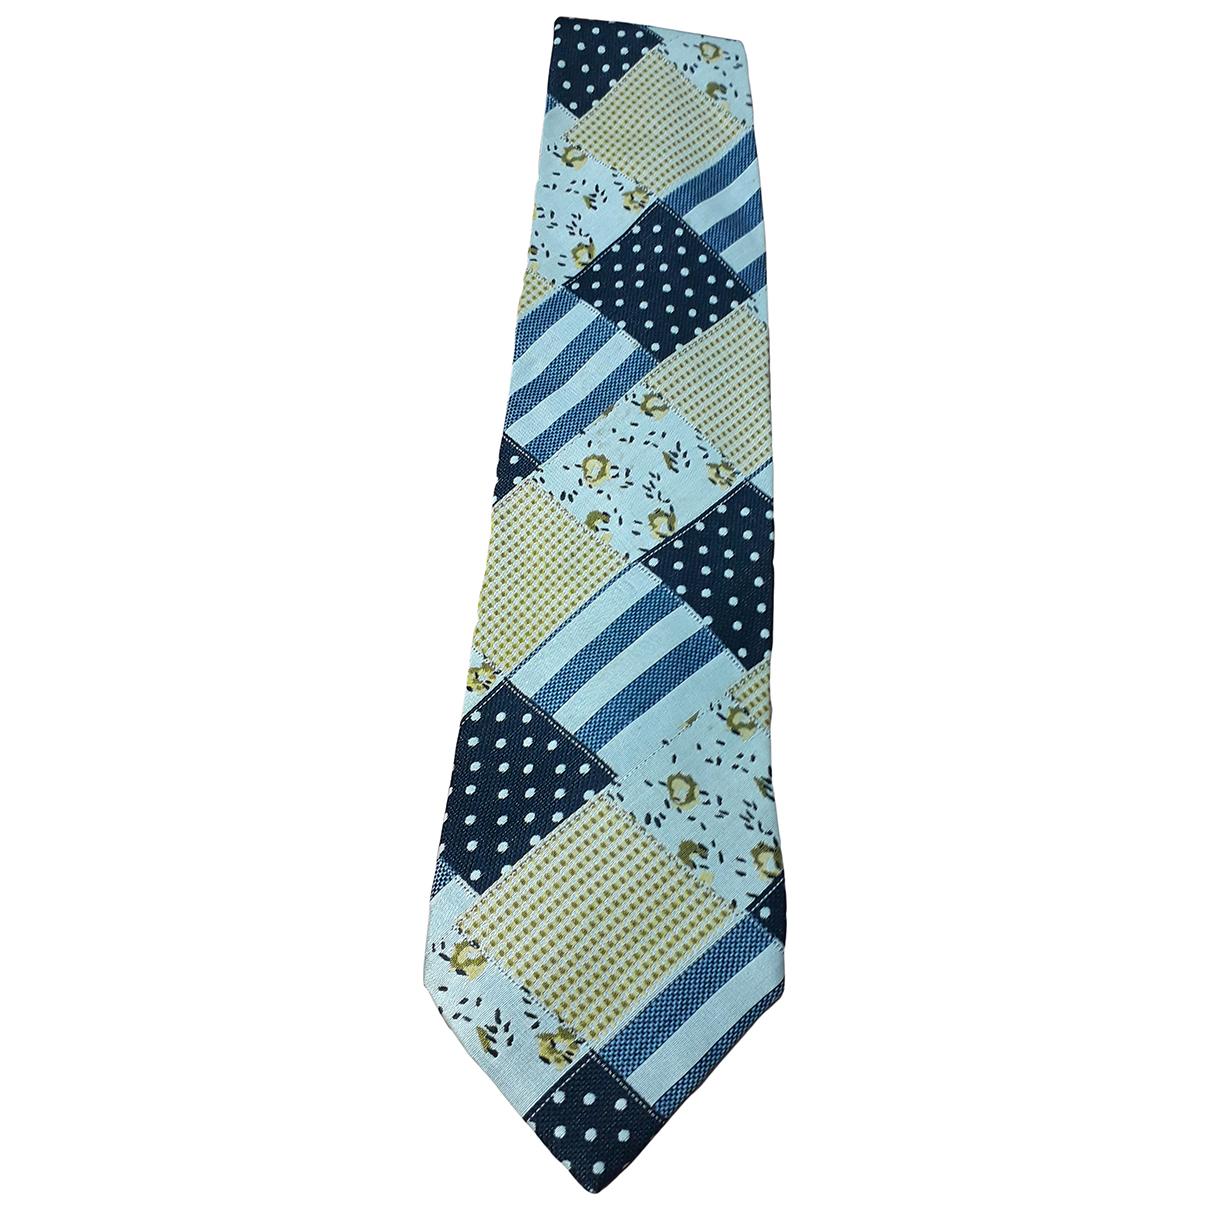 Moschino - Cravates   pour homme en coton - multicolore